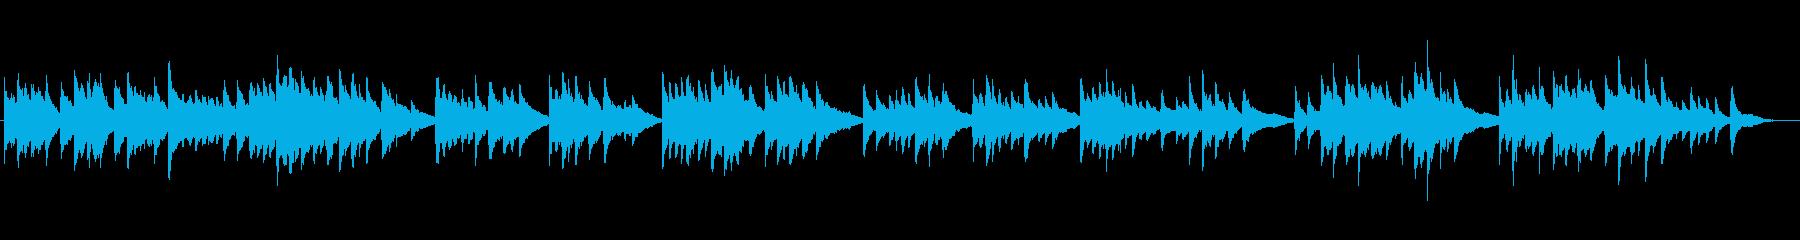 動画 センチメンタル やる気 ピア...の再生済みの波形